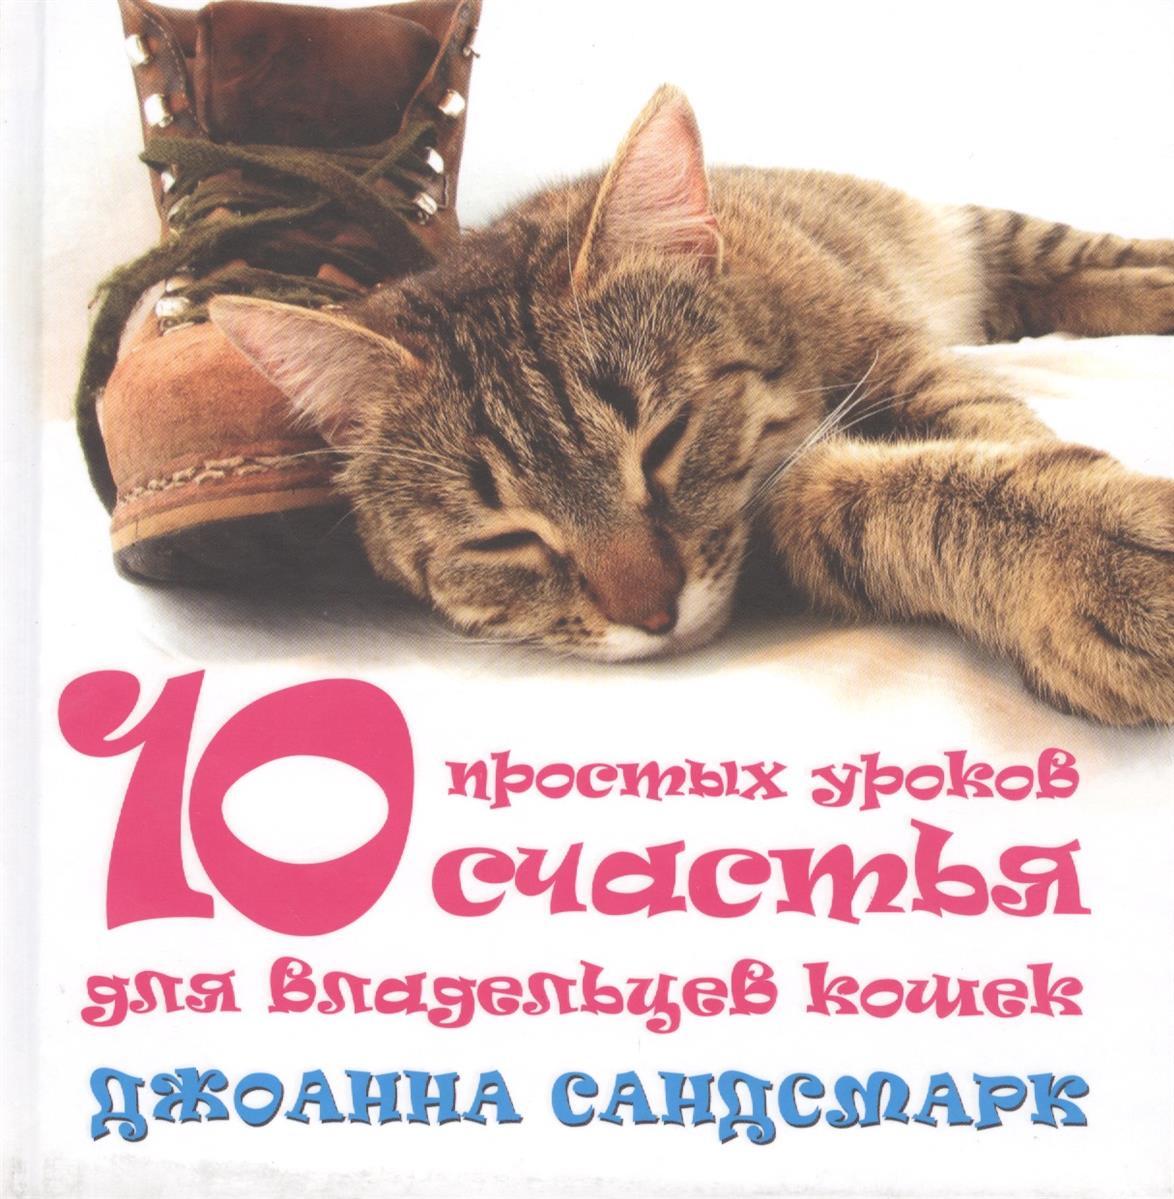 Сандсмарк Дж. Кошка в дом - счастье в нем. 10 простых уроков счастья для владельцев кошек (комплект из 4 книг) сандсмарк джоанна нем язык кду 8 кл